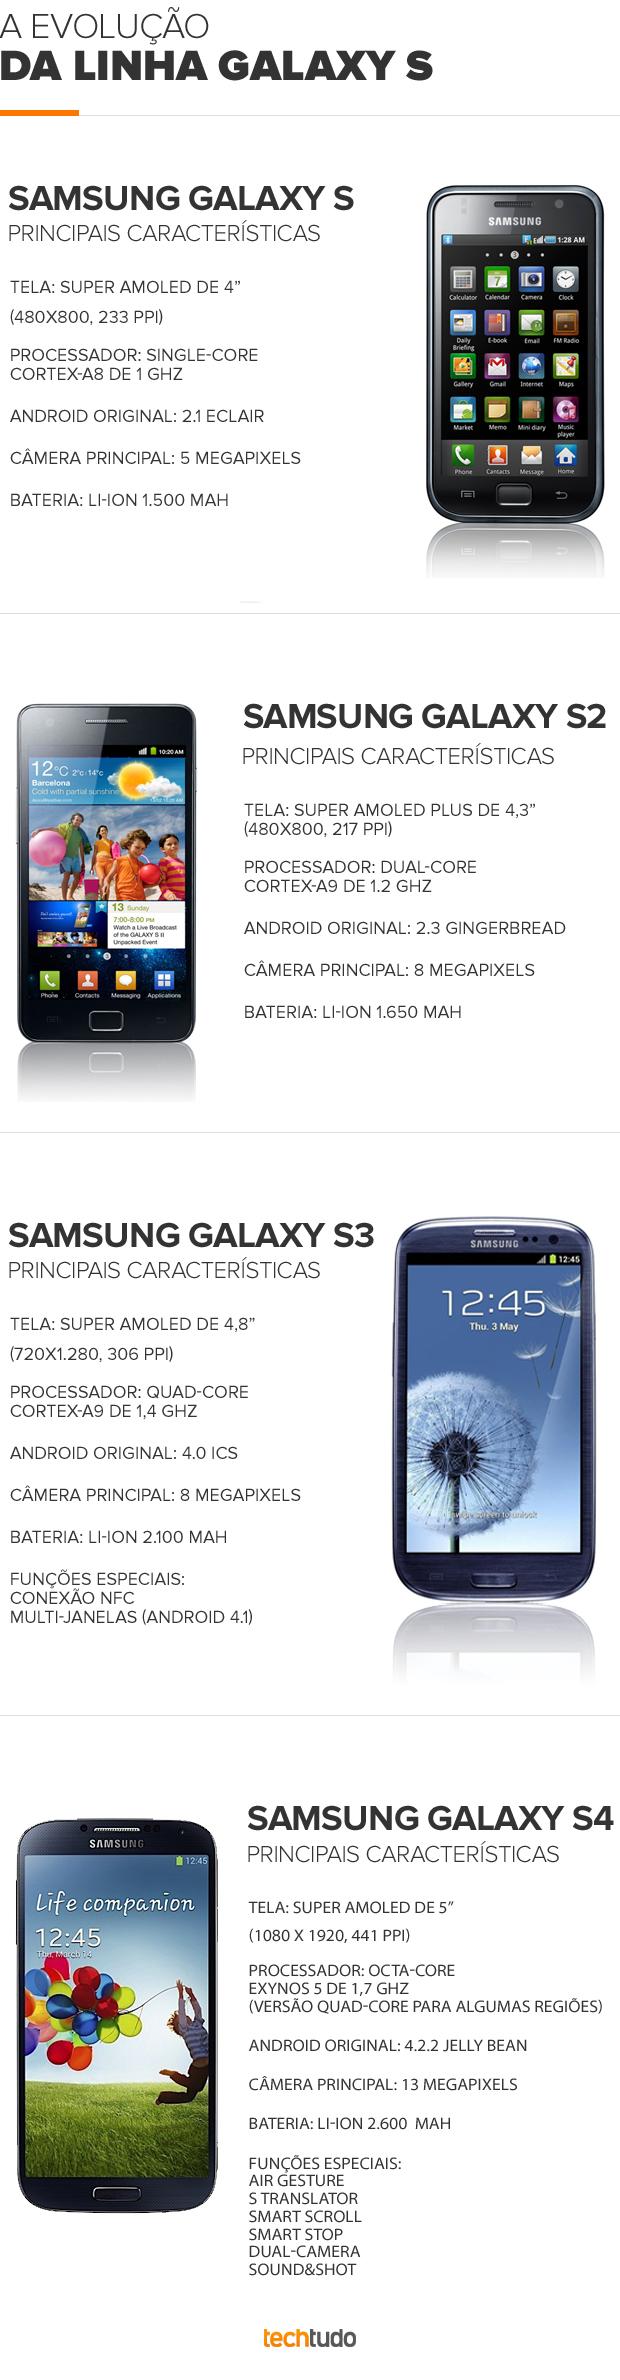 Evolução da linha Galaxy S da Samsung (Foto: TechTudo)